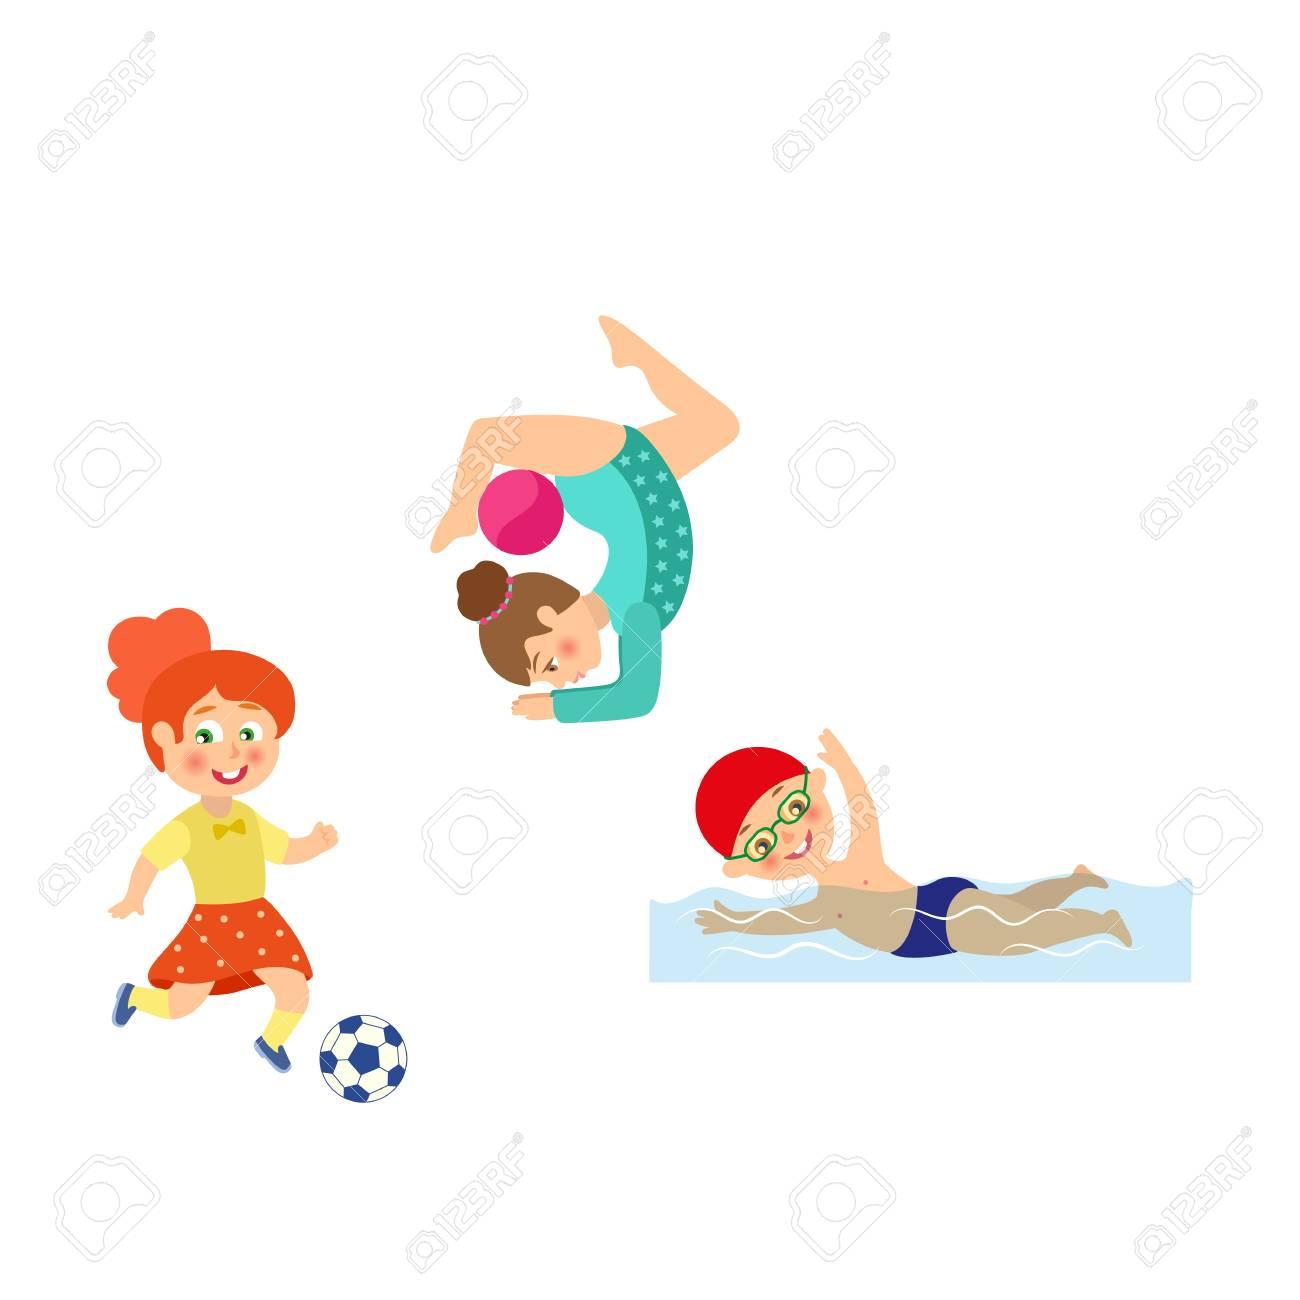 Vecteur De Dessin Animé Plat Enfants Faisant Des Jeux De Sport. Fille  Jouant Au Football, Un Autre Faisant L'exercice De Gymnastique D'étirement  Avec encequiconcerne Jeux Enfant Dessin